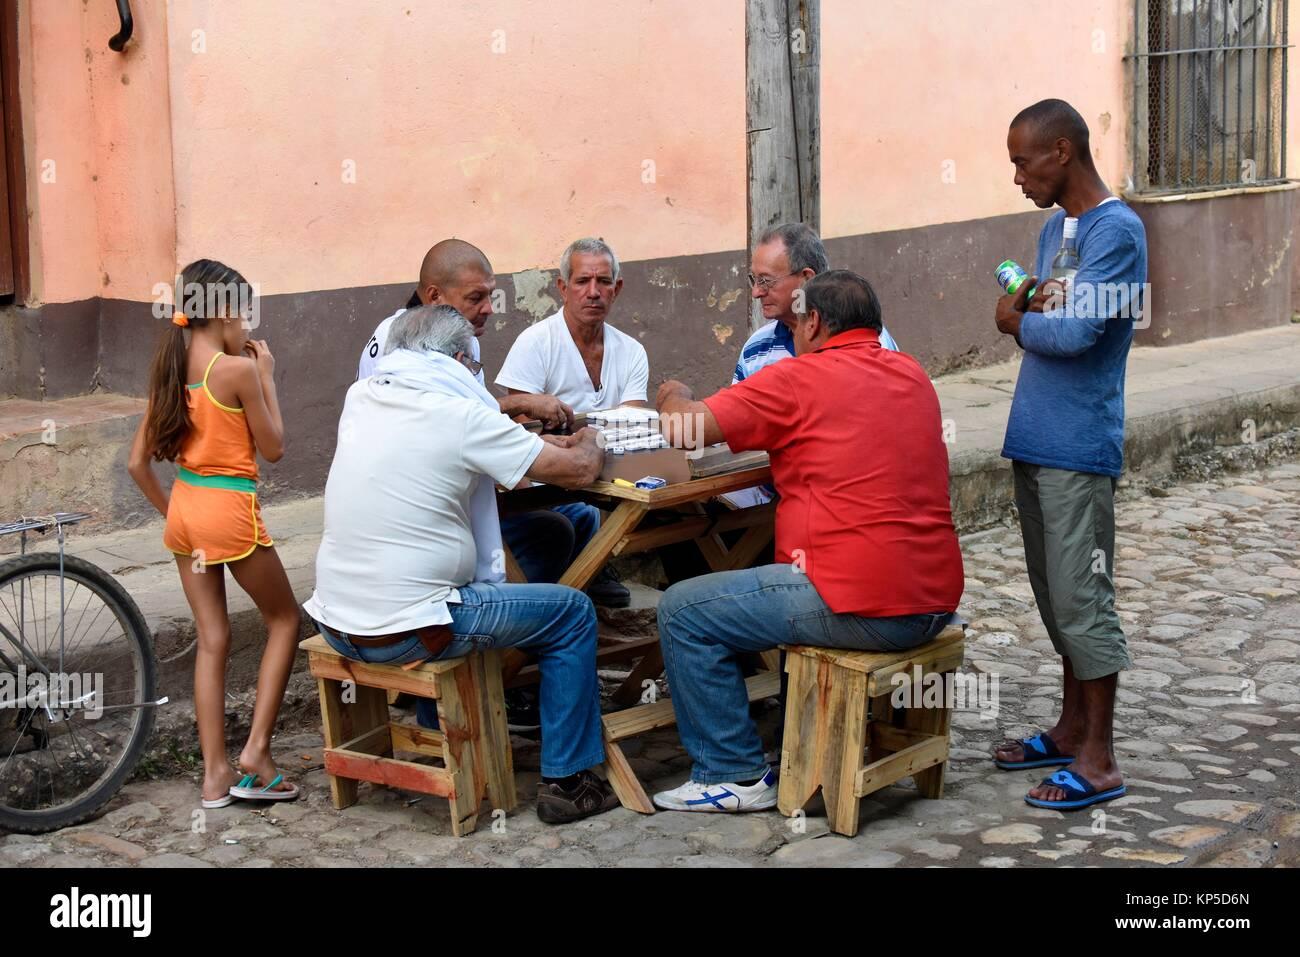 Uomini cubano gioca domino in una sreet di Trinidad, Cuba. Immagini Stock